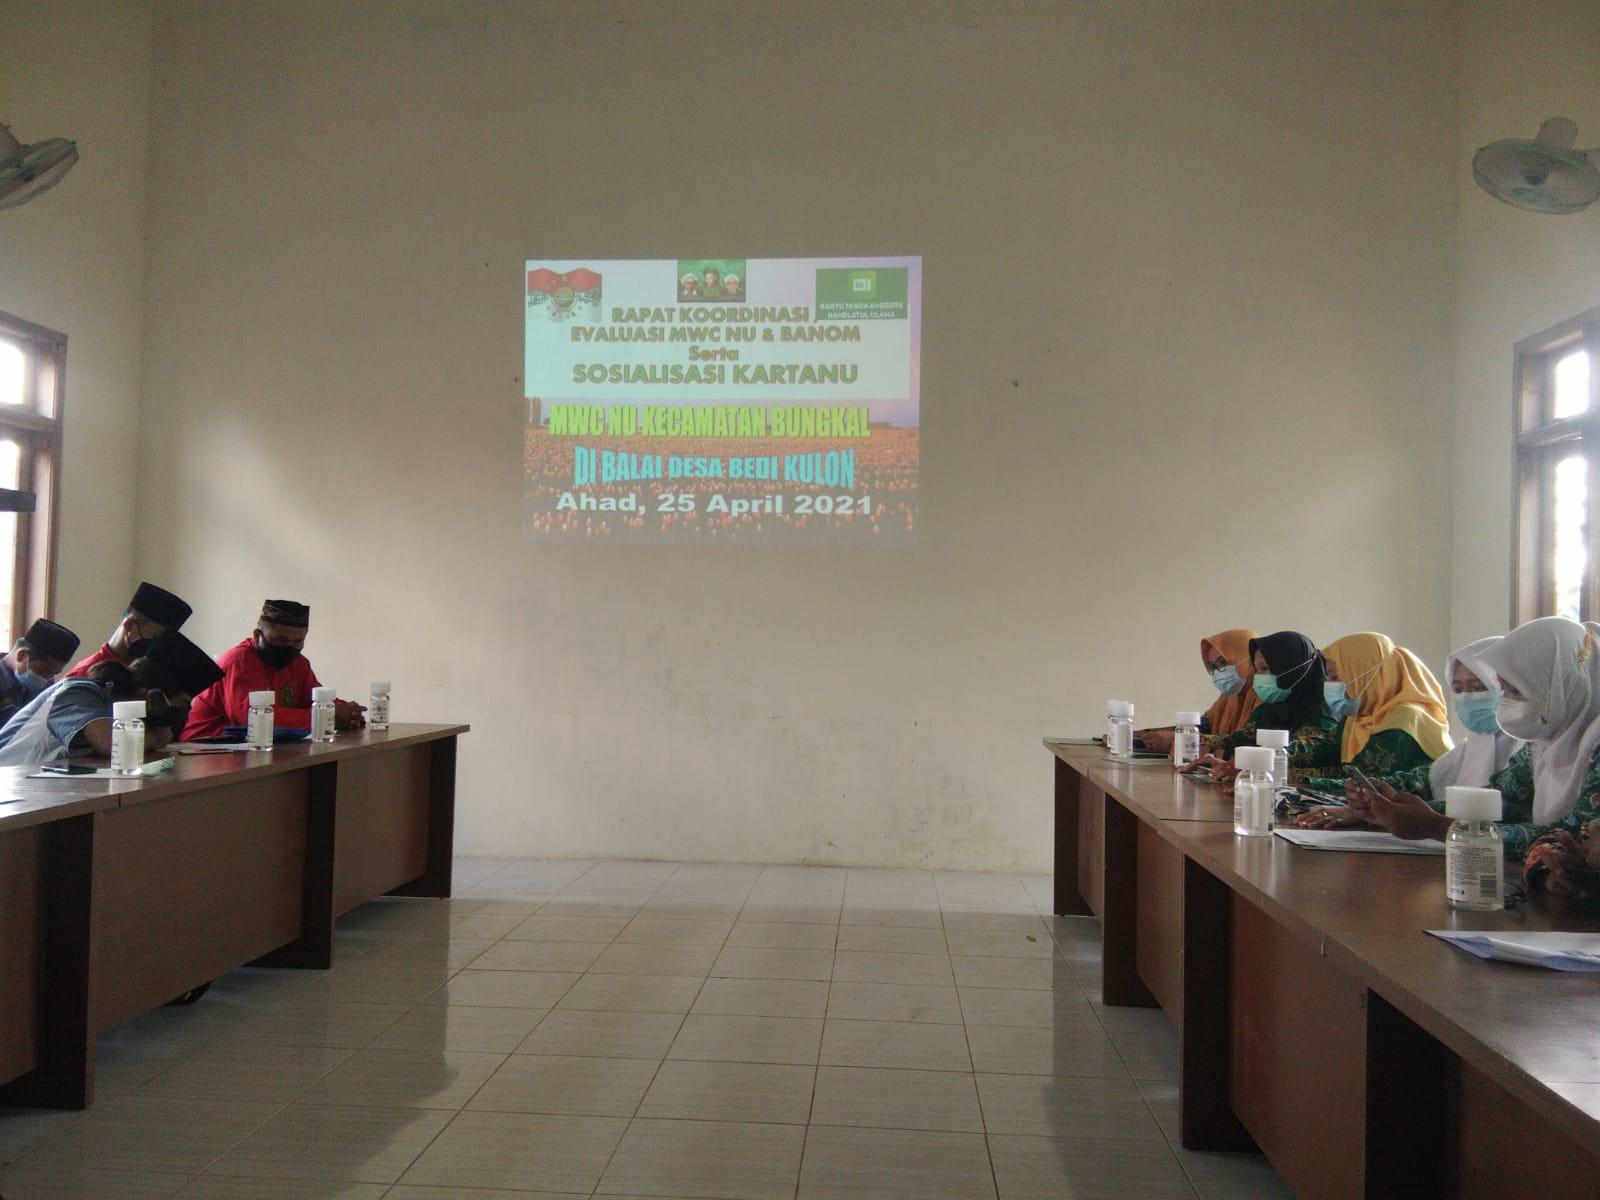 Pengurus Banom NU di Bungkal dilibatkan dalam Tim Kartanu Ranting NU